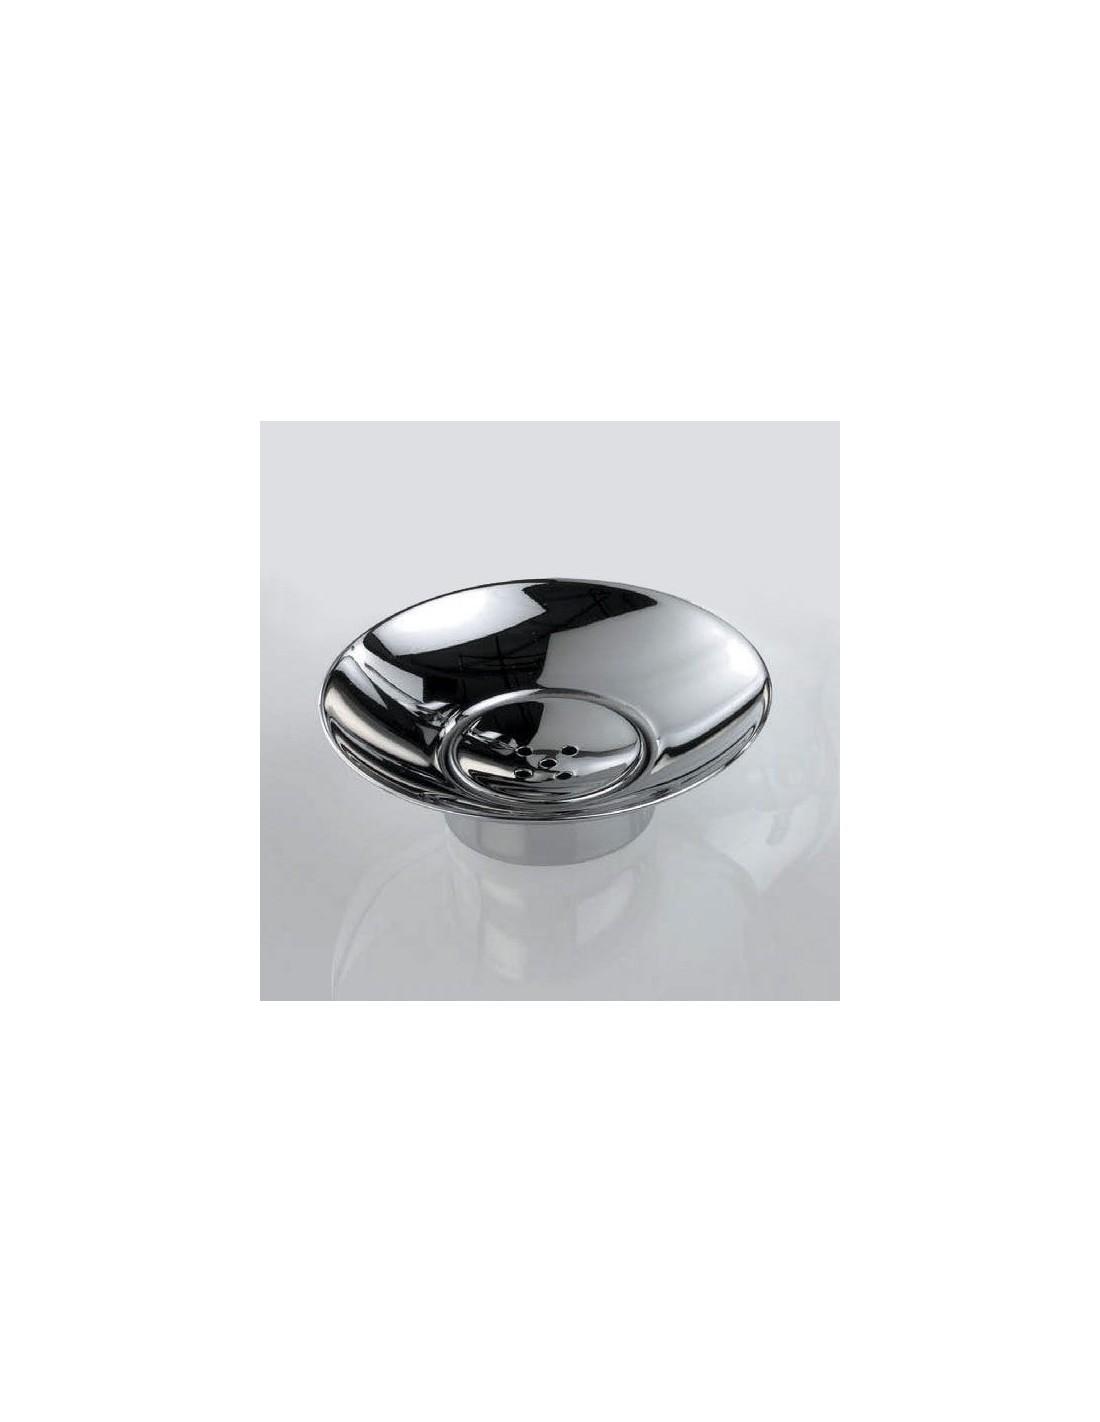 porte savon DW 481 chrome Decor Walther Valente Design